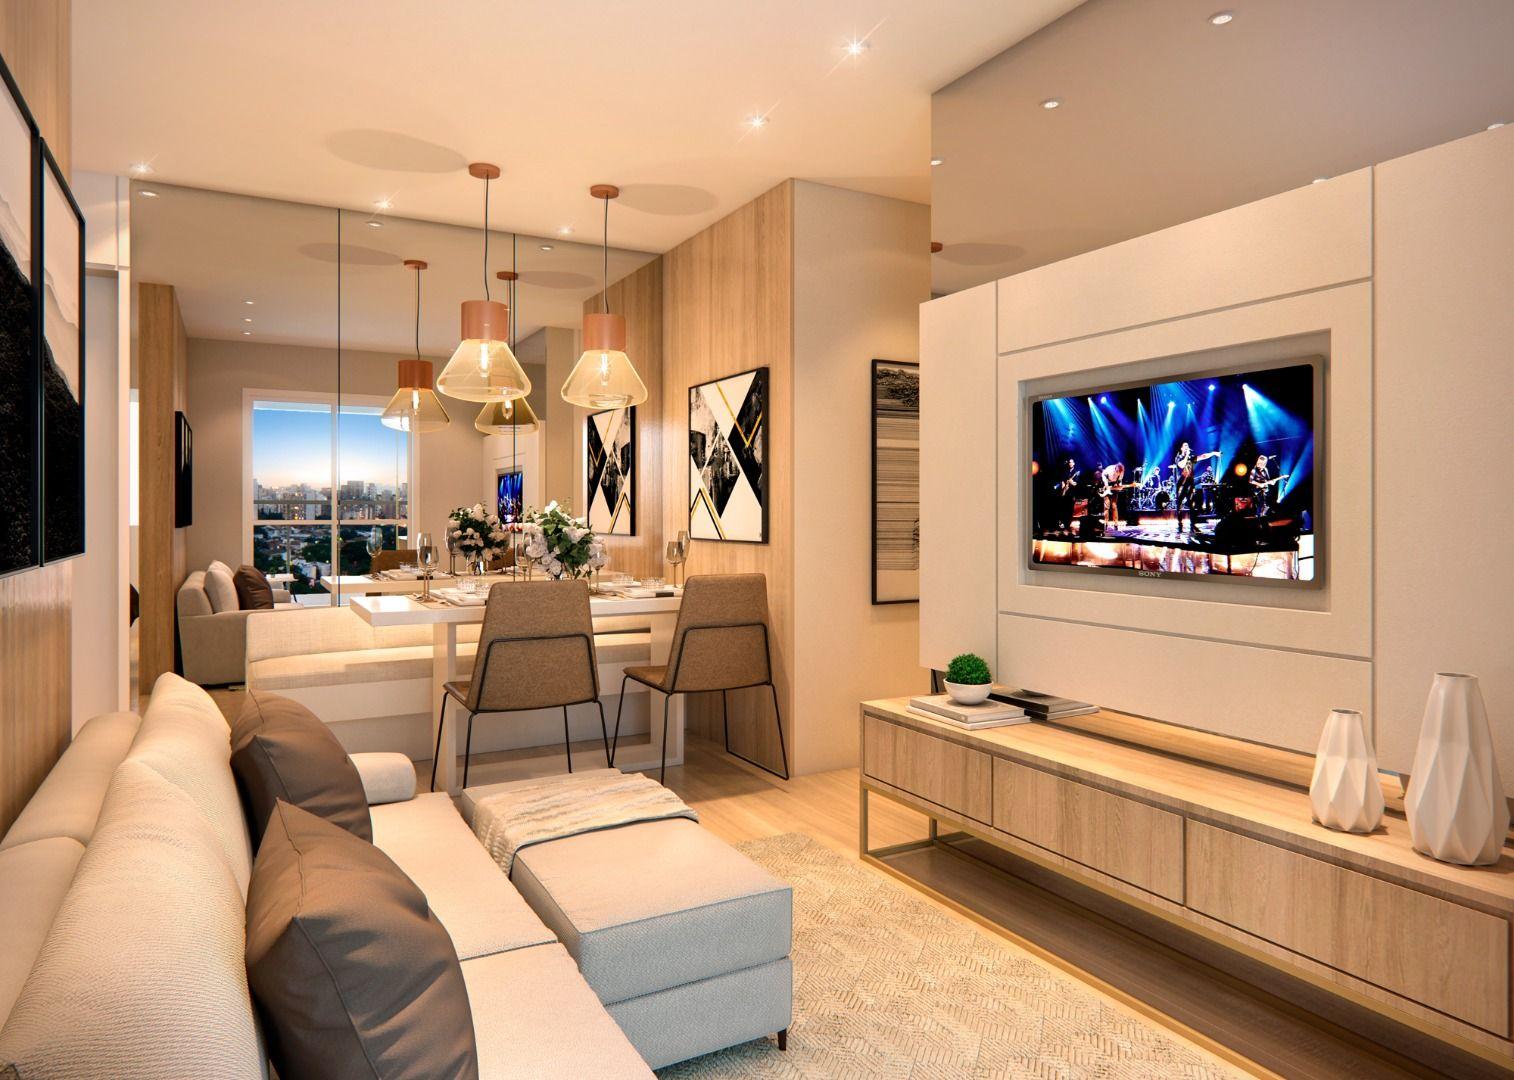 LIVING do apto de 50m² integrado ao living. Possui terraço de serviço com ampla abertura, proporcionando entrada de ventilação natural.